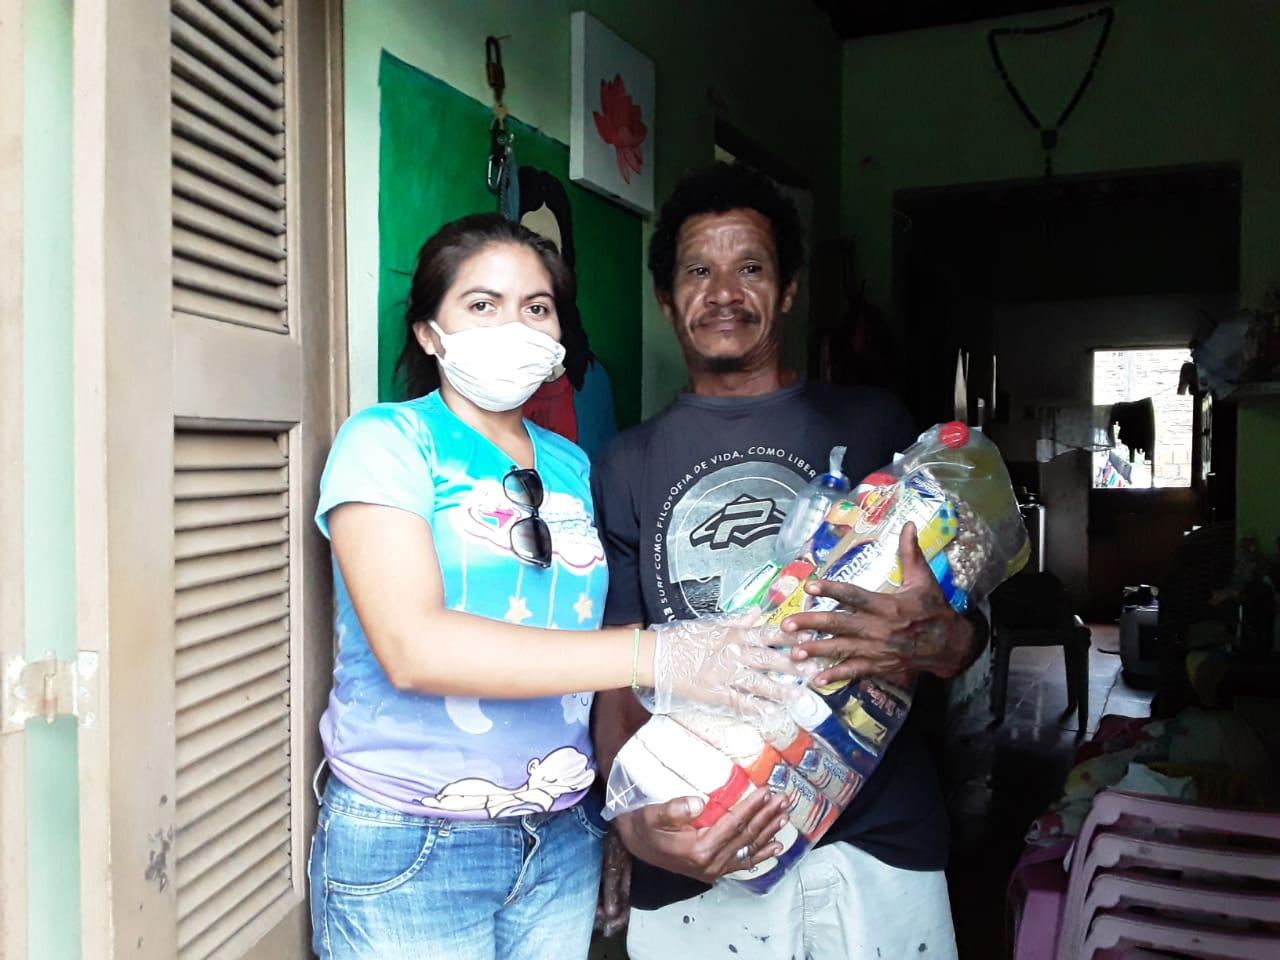 Agacc promove ações solidárias e de enfrentamento à pandemia em comunidades do Ceará